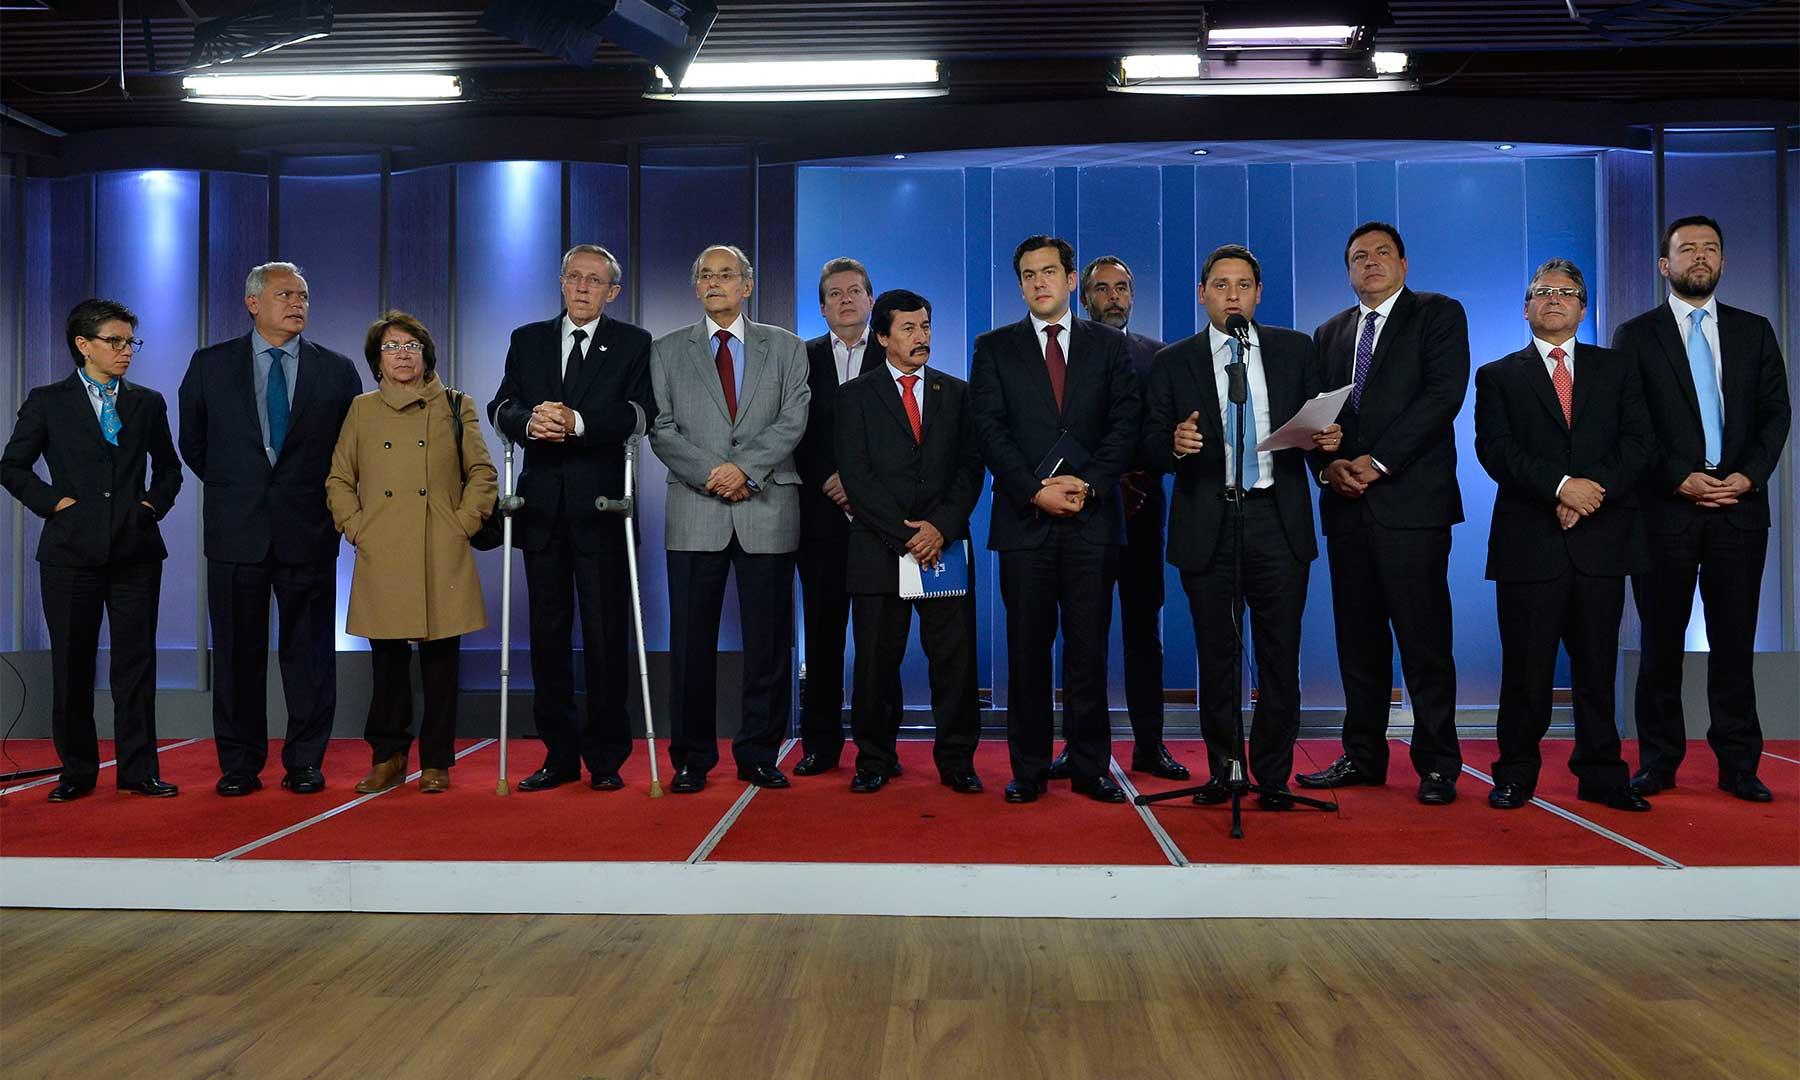 """""""Respaldamos al Presidente Santos en su propósito de alcanzar la paz"""", afirmó el presidente del Congreso, Mauricio Lizcano, tras la reunión del Jefe de Estado con directores de los partidos políticos promotores del Sí."""